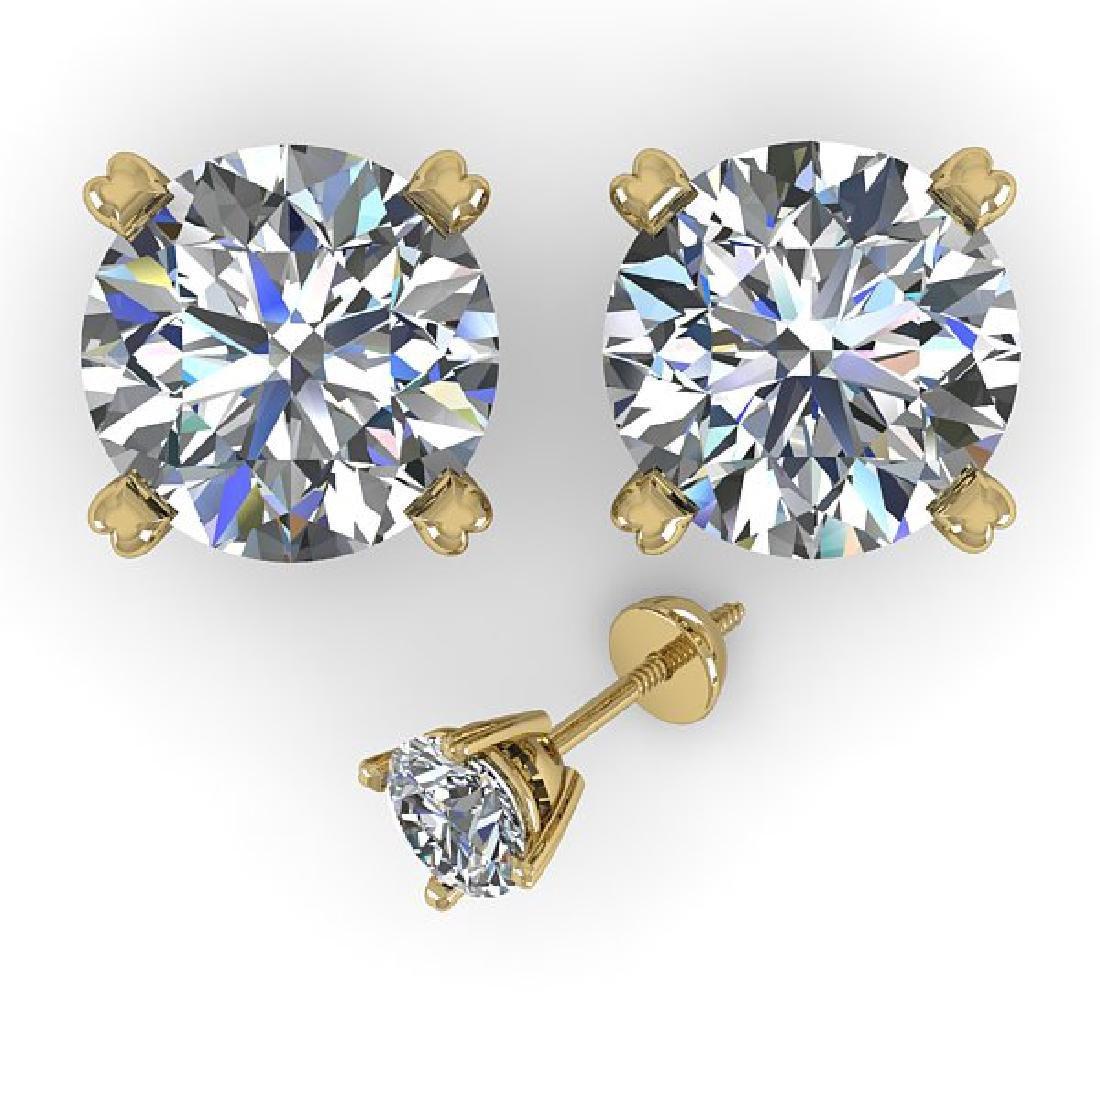 3 CTW Certified VS/SI Diamond Stud Earrings 18K Yellow - 2